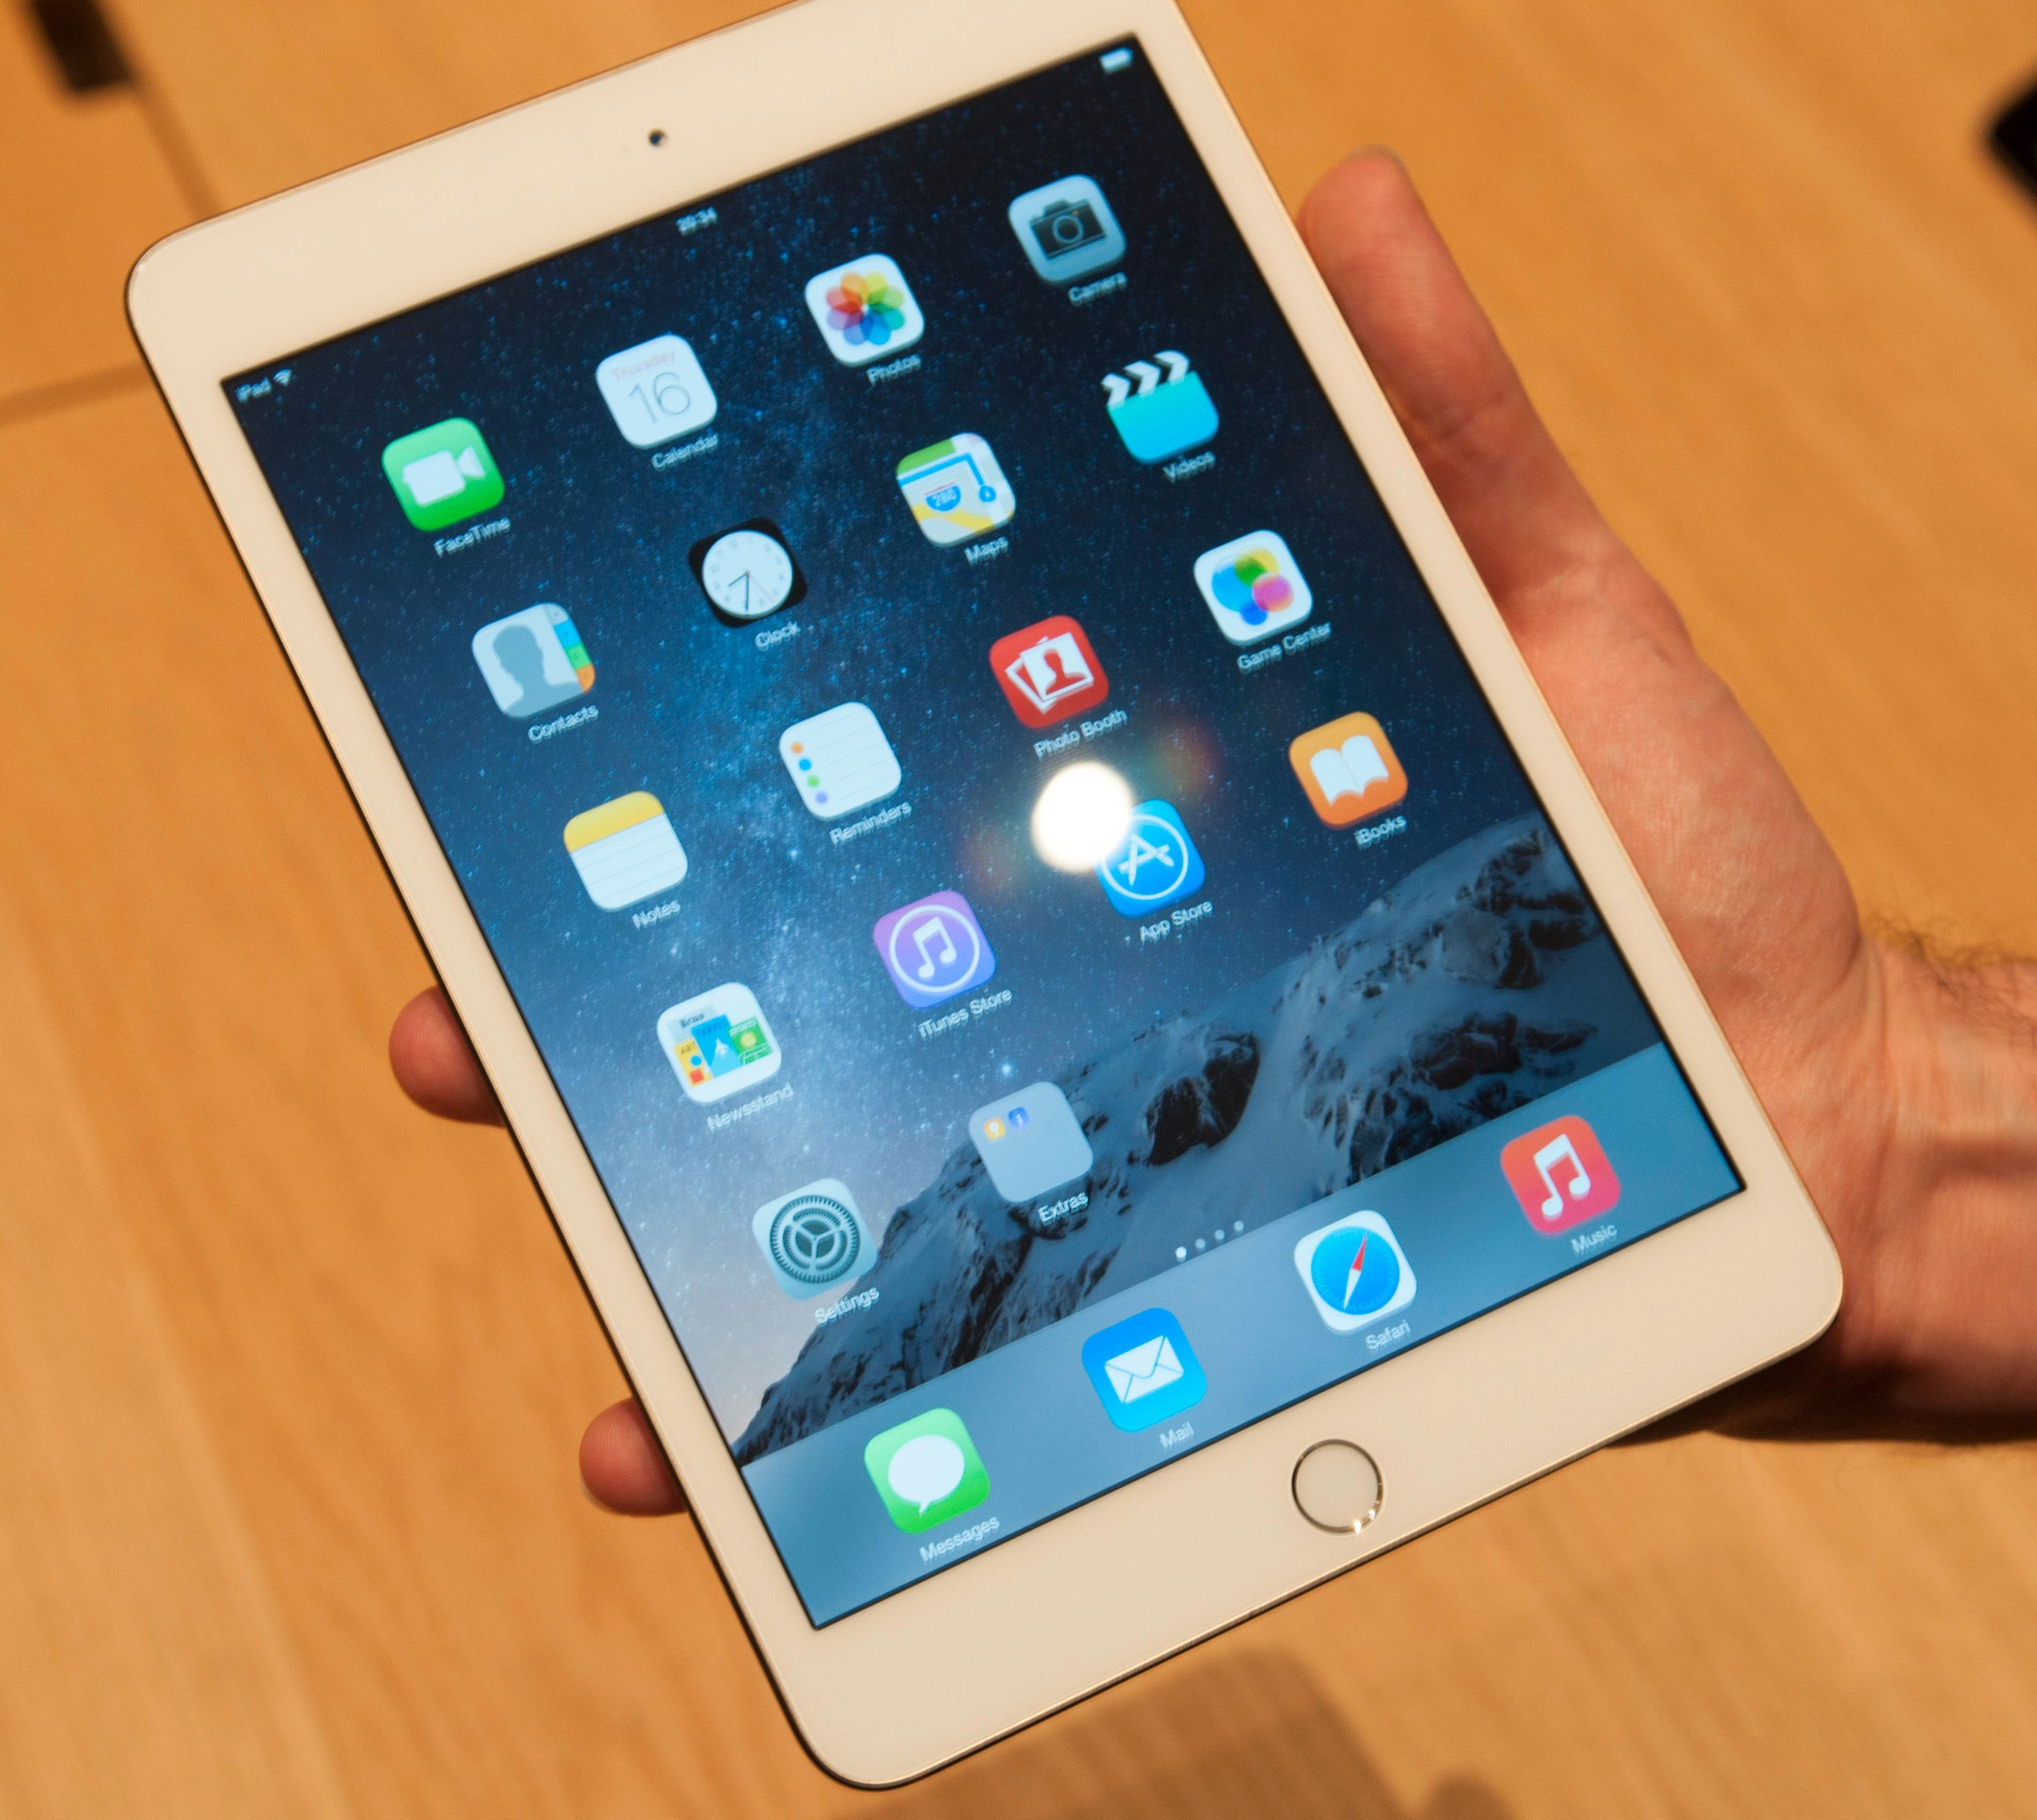 iPad Mini 3 har fått Touch ID-sensor, men er ellers likt nettbrettet vi kjenner fra før. Det innebærer også en skjerm som reflekterer mer lys enn den du finner i iPad Air 2. Å vise akkurat hvor stor forskjellen er på bilder er imidlertid ikke så lett.Foto: Finn Jarle Kvalheim, Tek.no